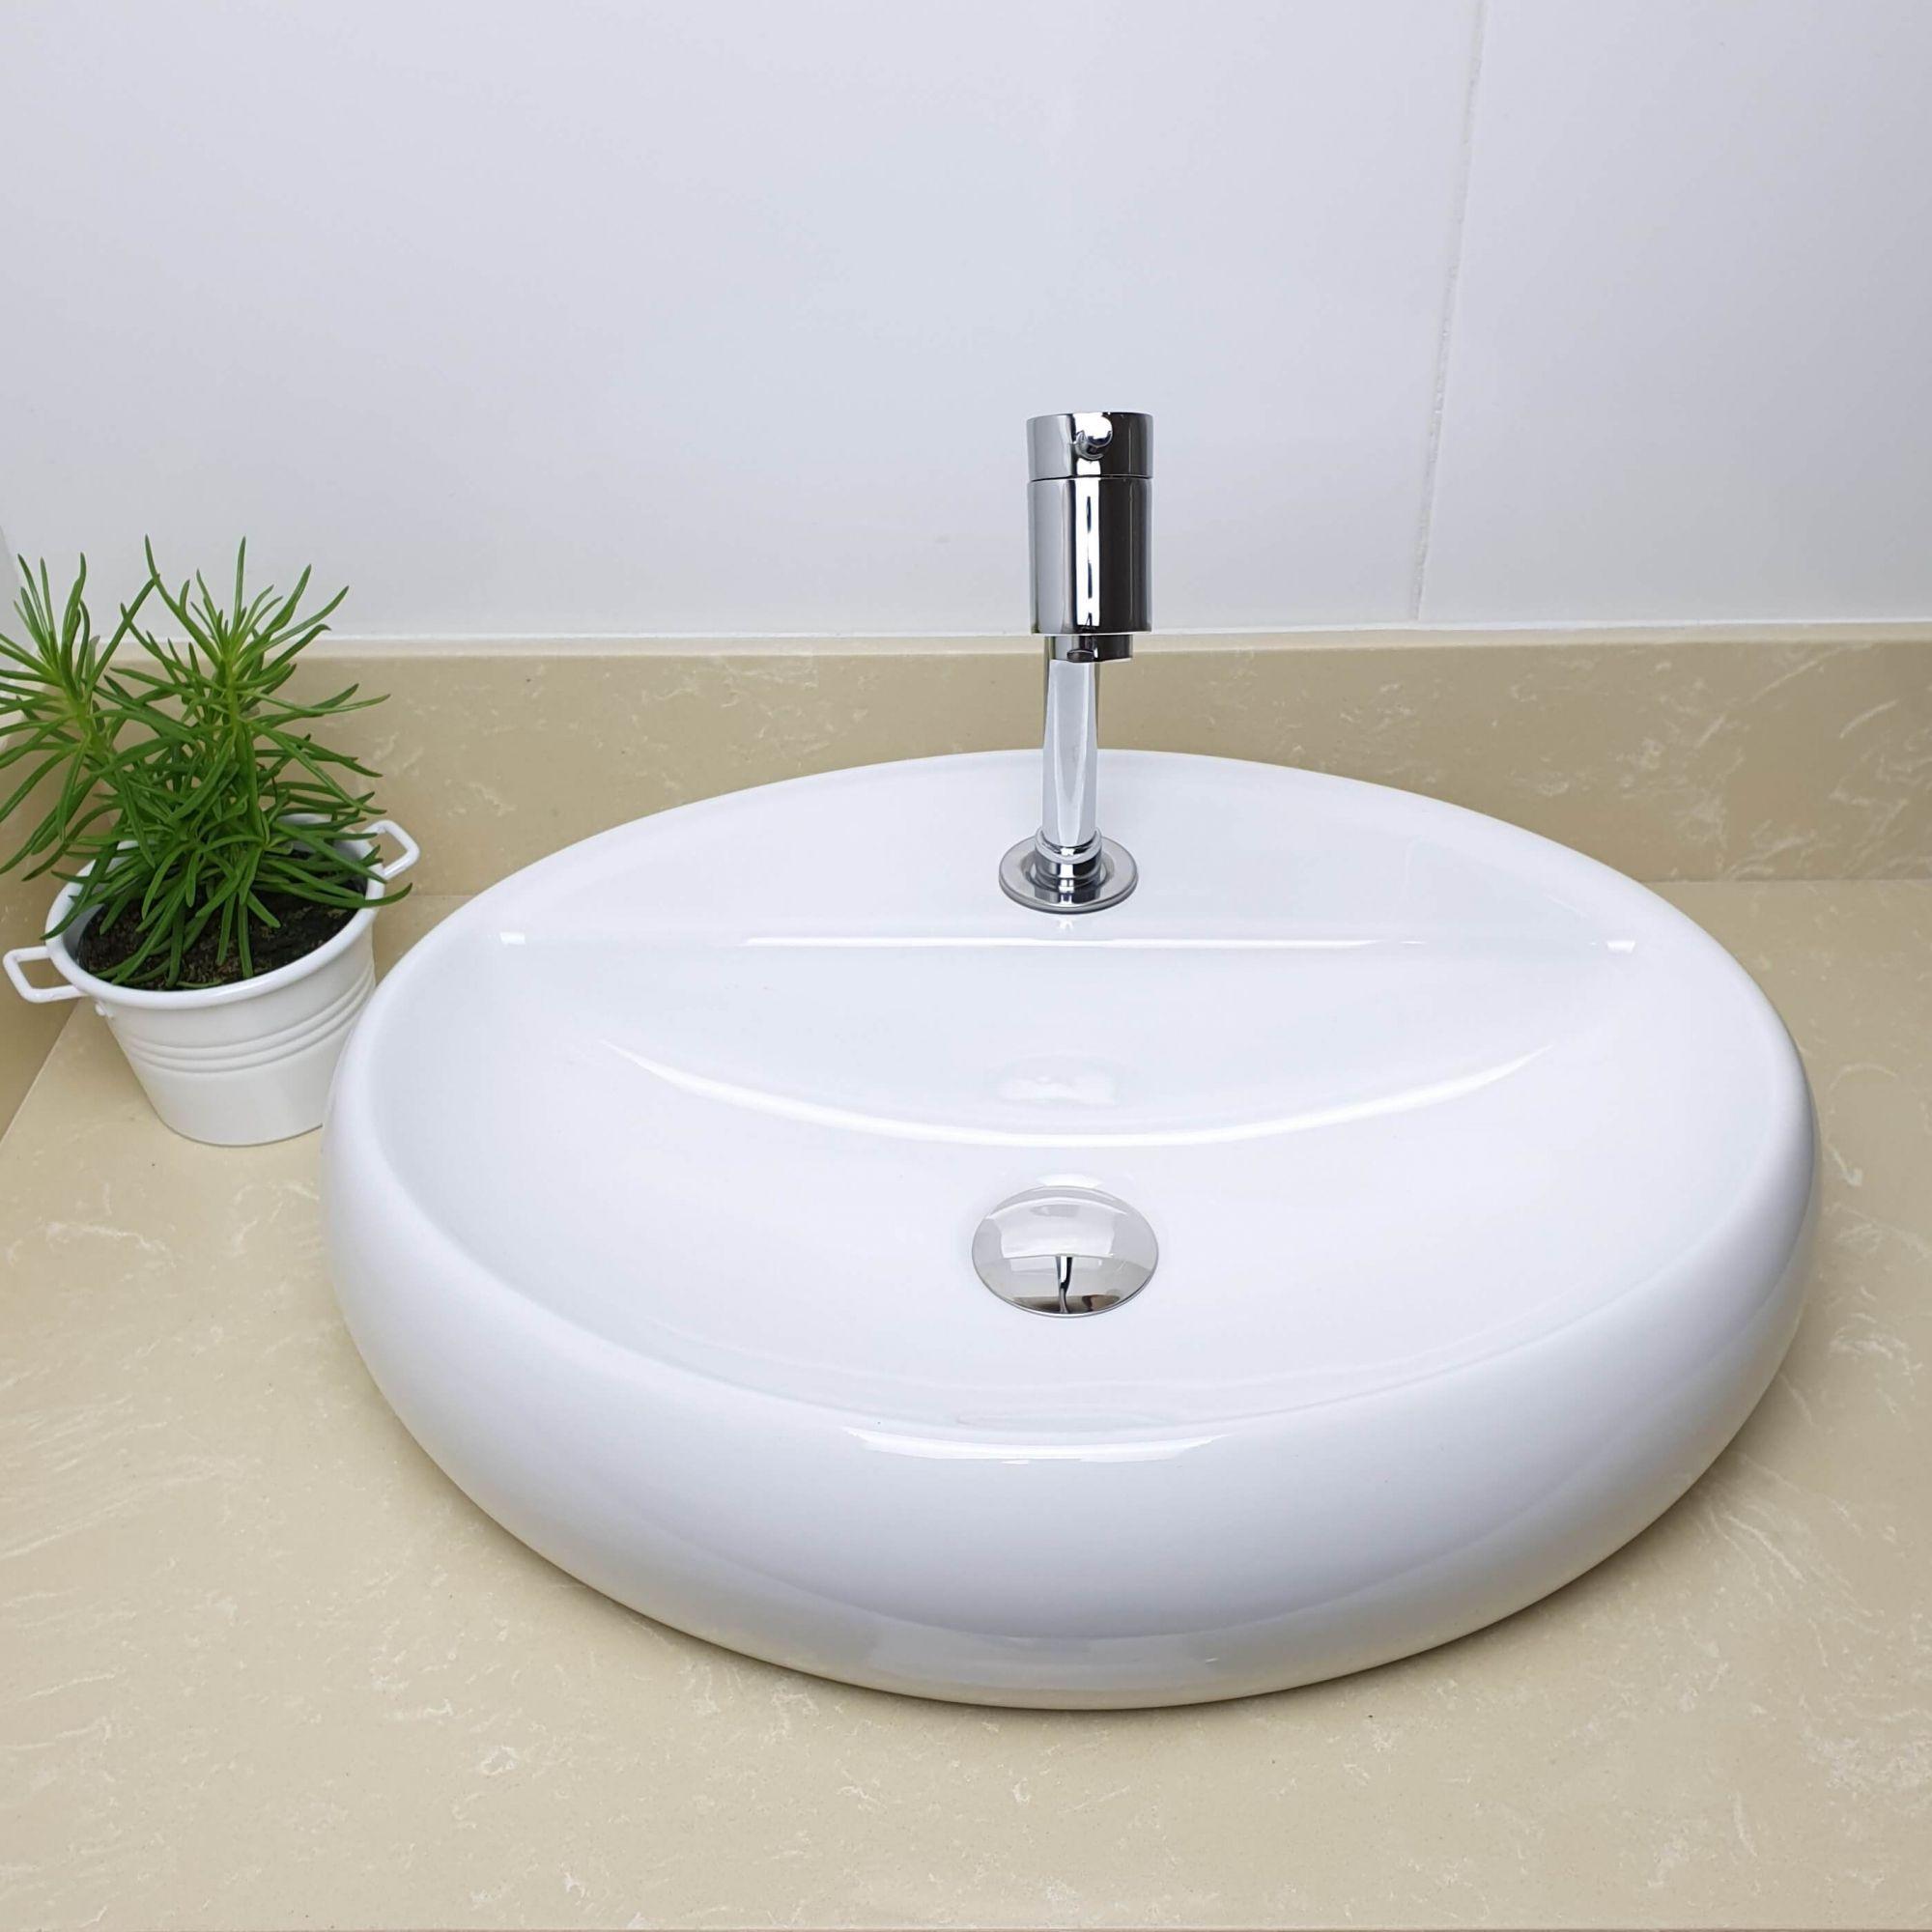 Cuba Banheiro Apoio Oval 49x38cm com Torneira Bica Baixa,  Válvula Click  Sifão e Flexível  - DOTEC SHOP